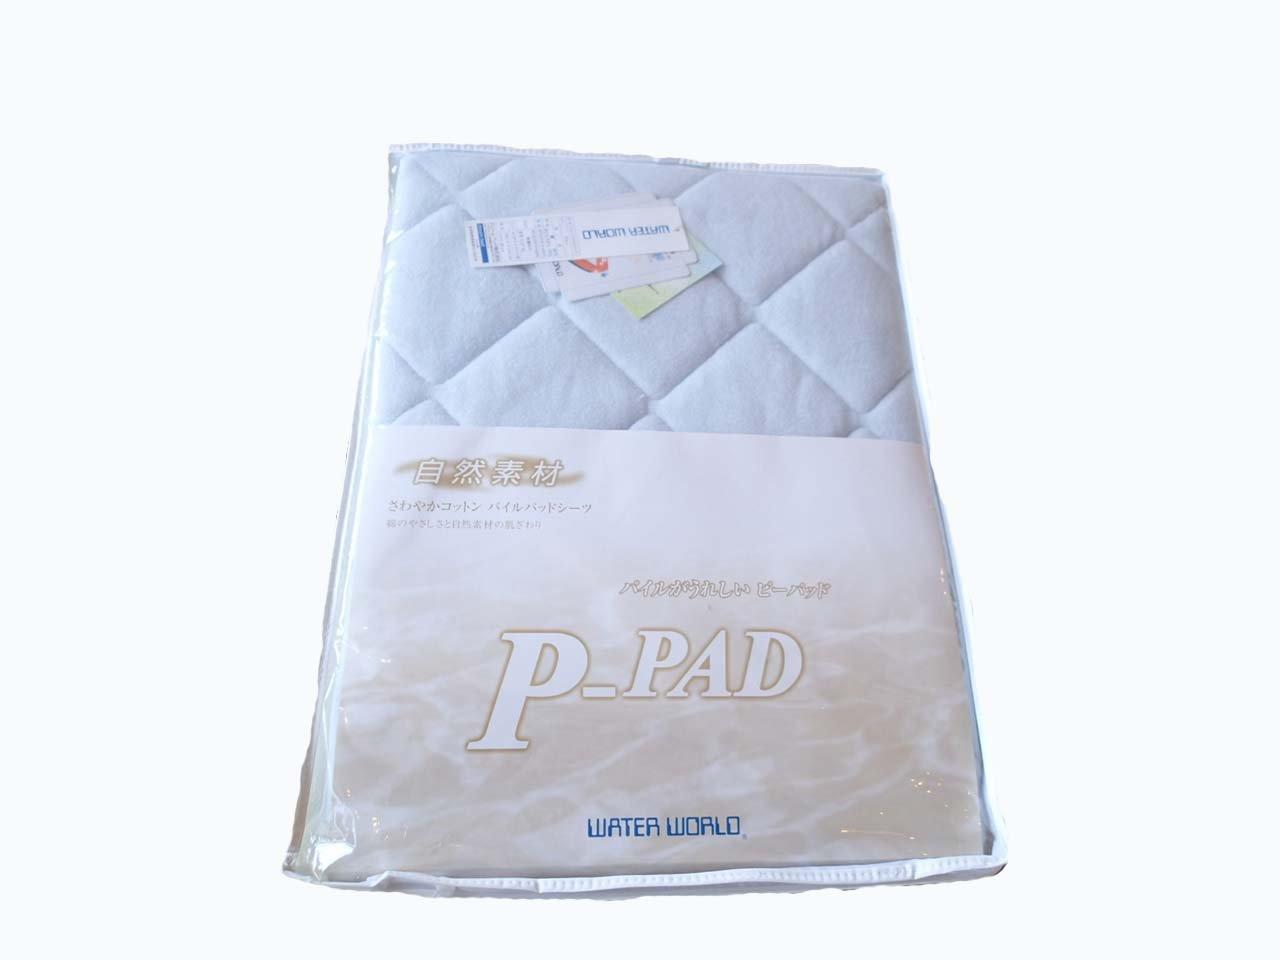 ウォーターベッド専用 パイルパッド セミダブルサイズ ブルー色 B00B08LN4S セミダブル ブルー ブルー セミダブル